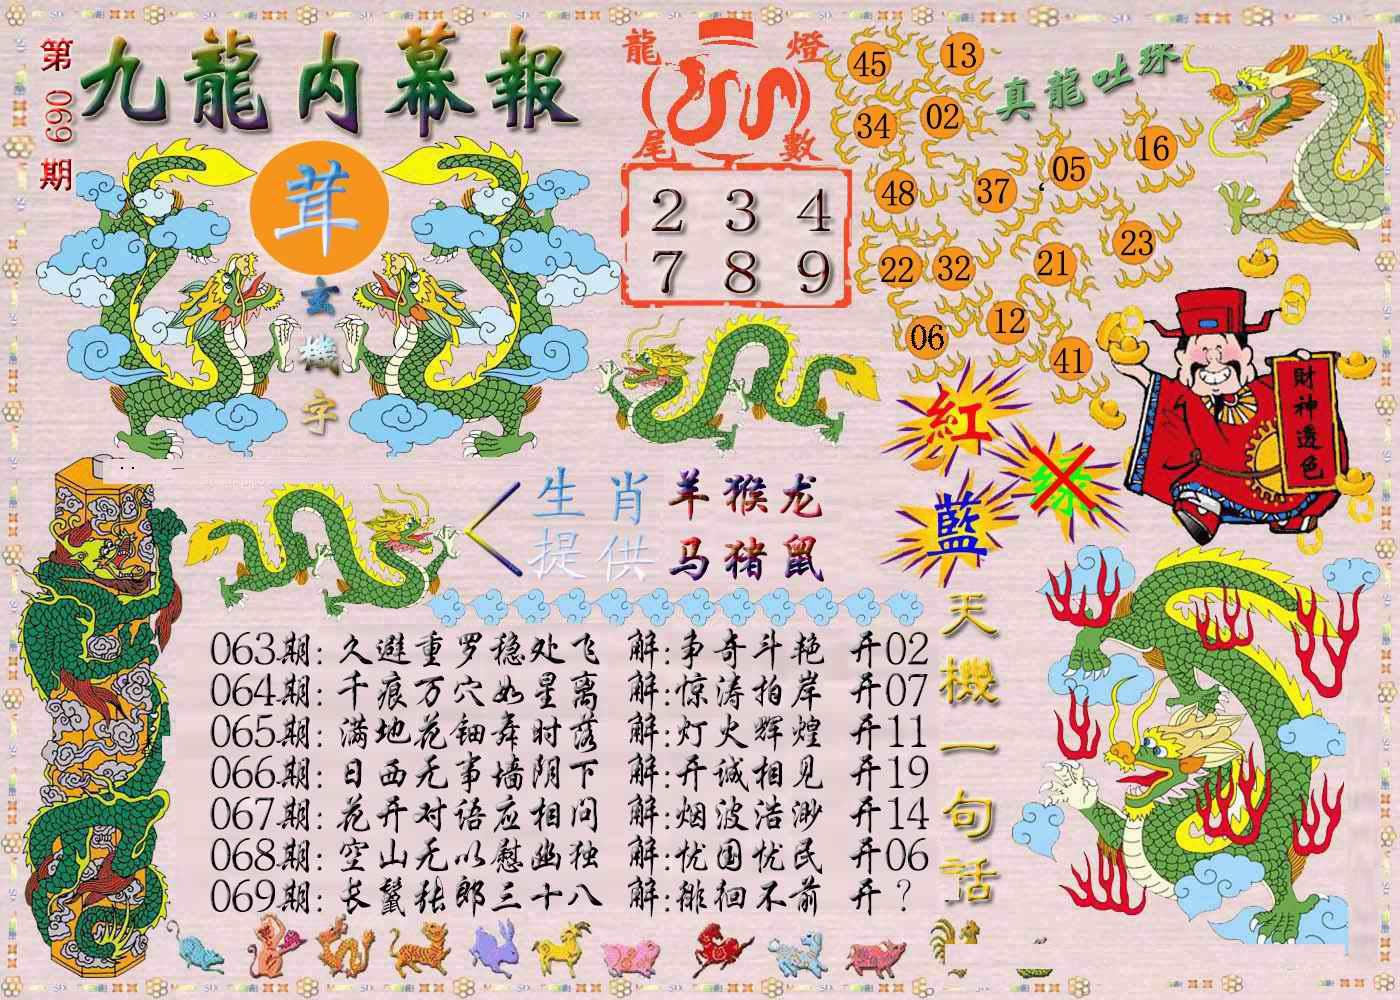 069期九龙内幕报